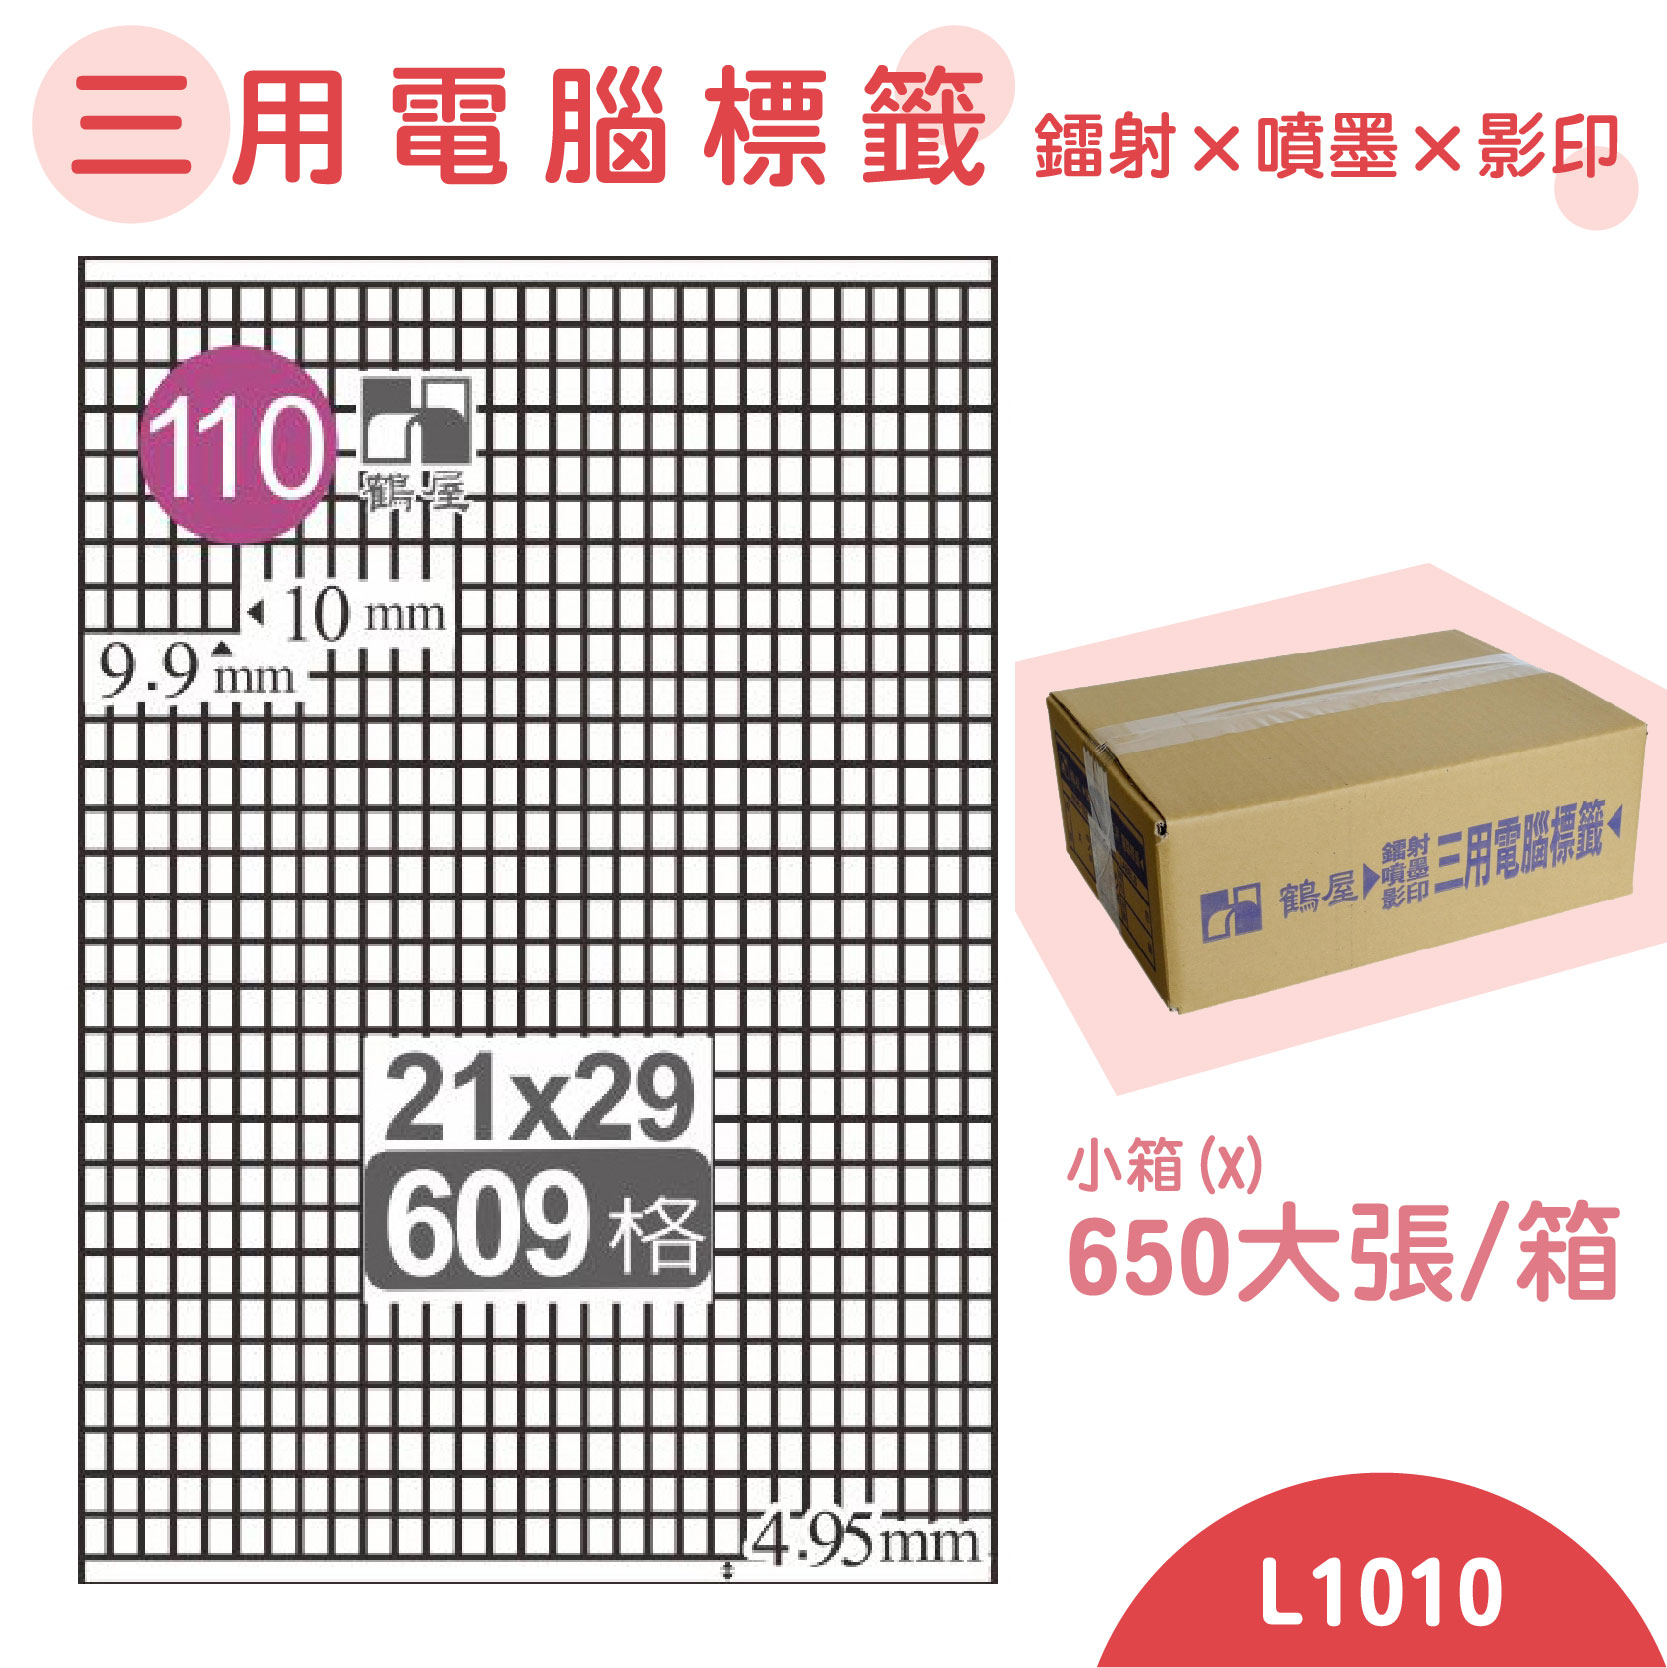 電腦標籤紙(鶴屋) 白色 L1010 609格 650大張/小箱 影印 噴墨 三用 標籤 貼紙 信封 光碟 名條